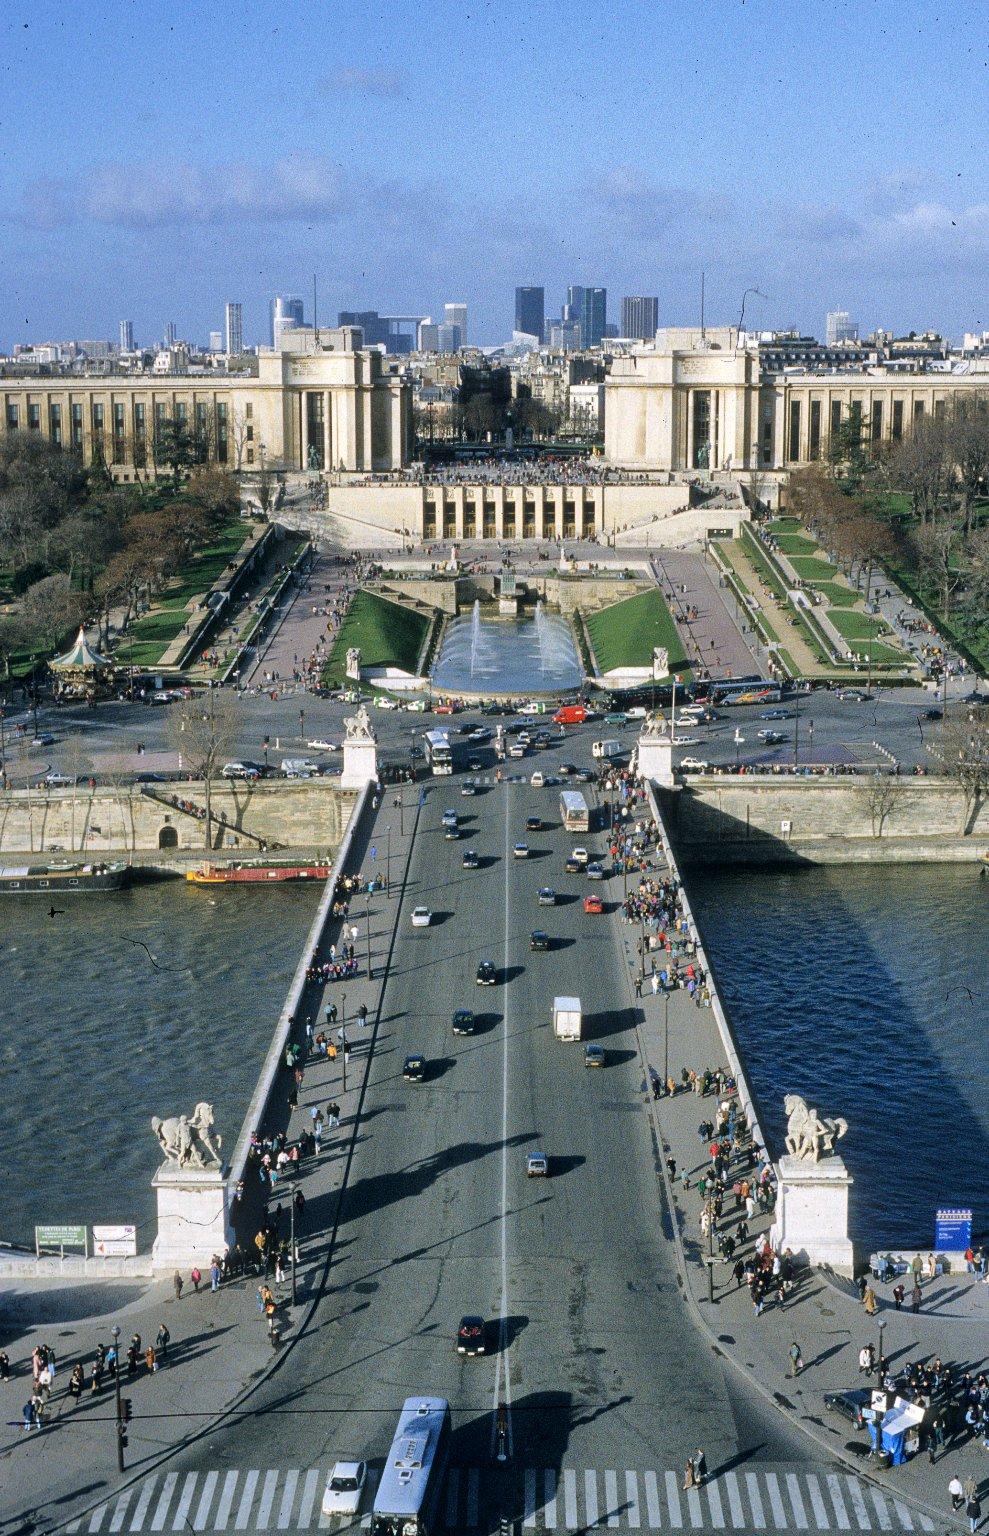 Le Quartier de Chaillot, Paris